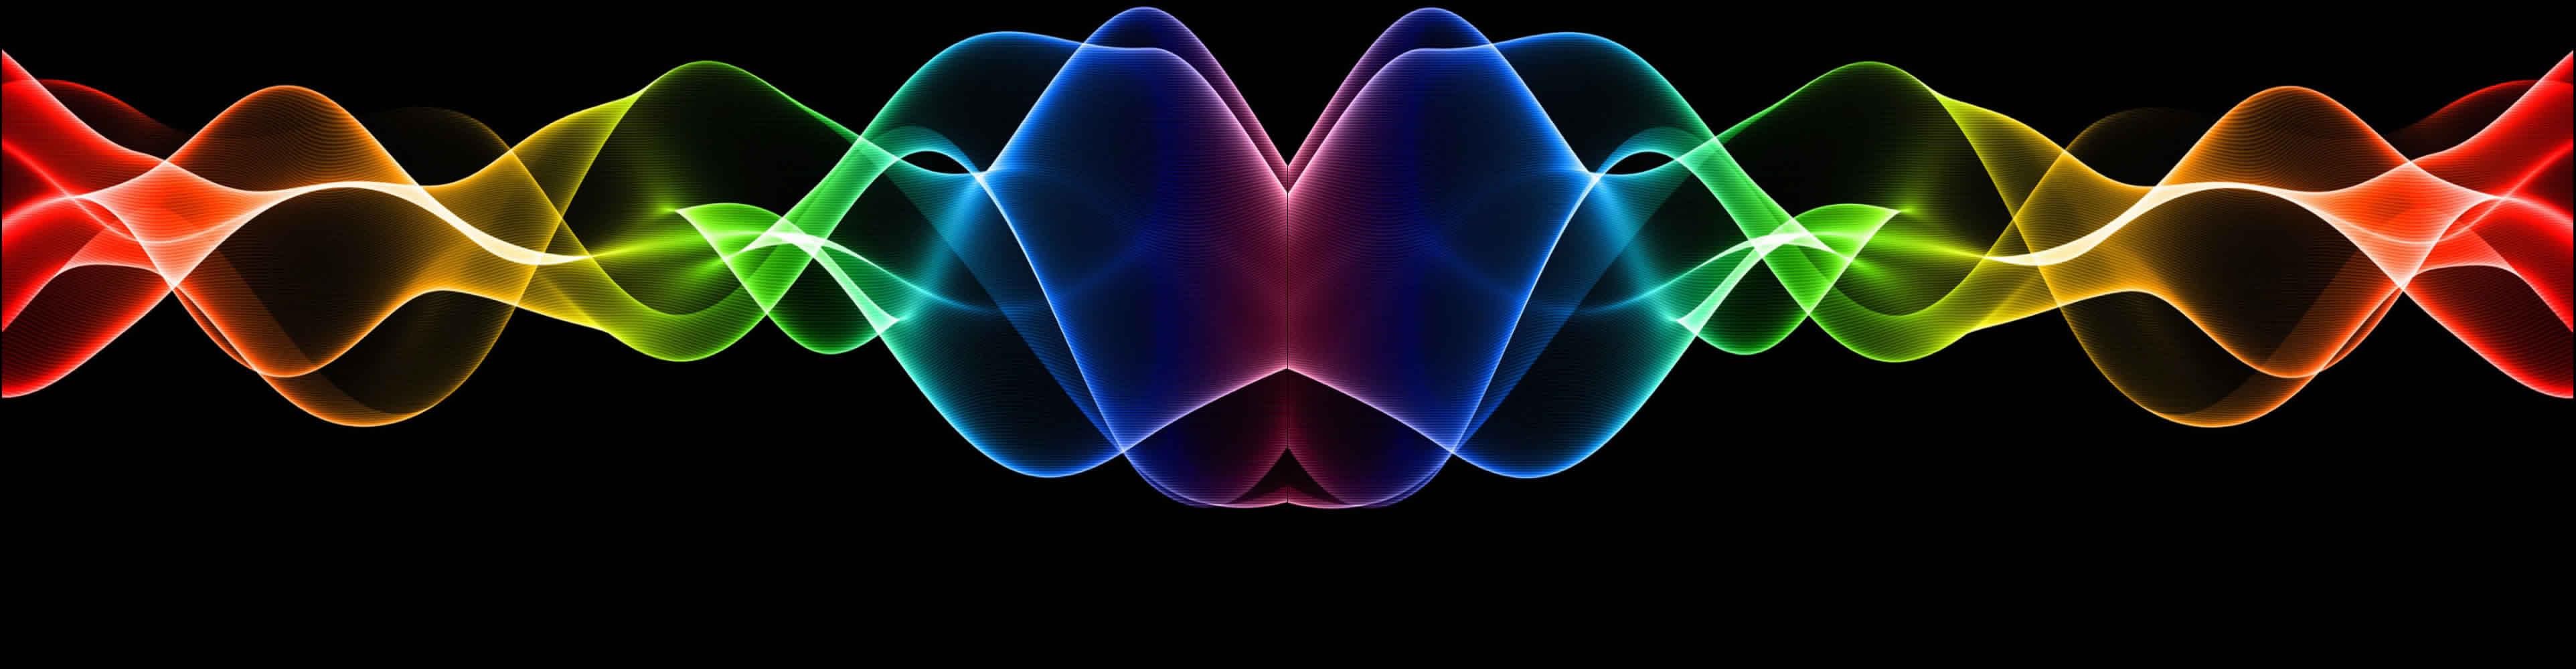 neon backgroundjpg 3848x1000